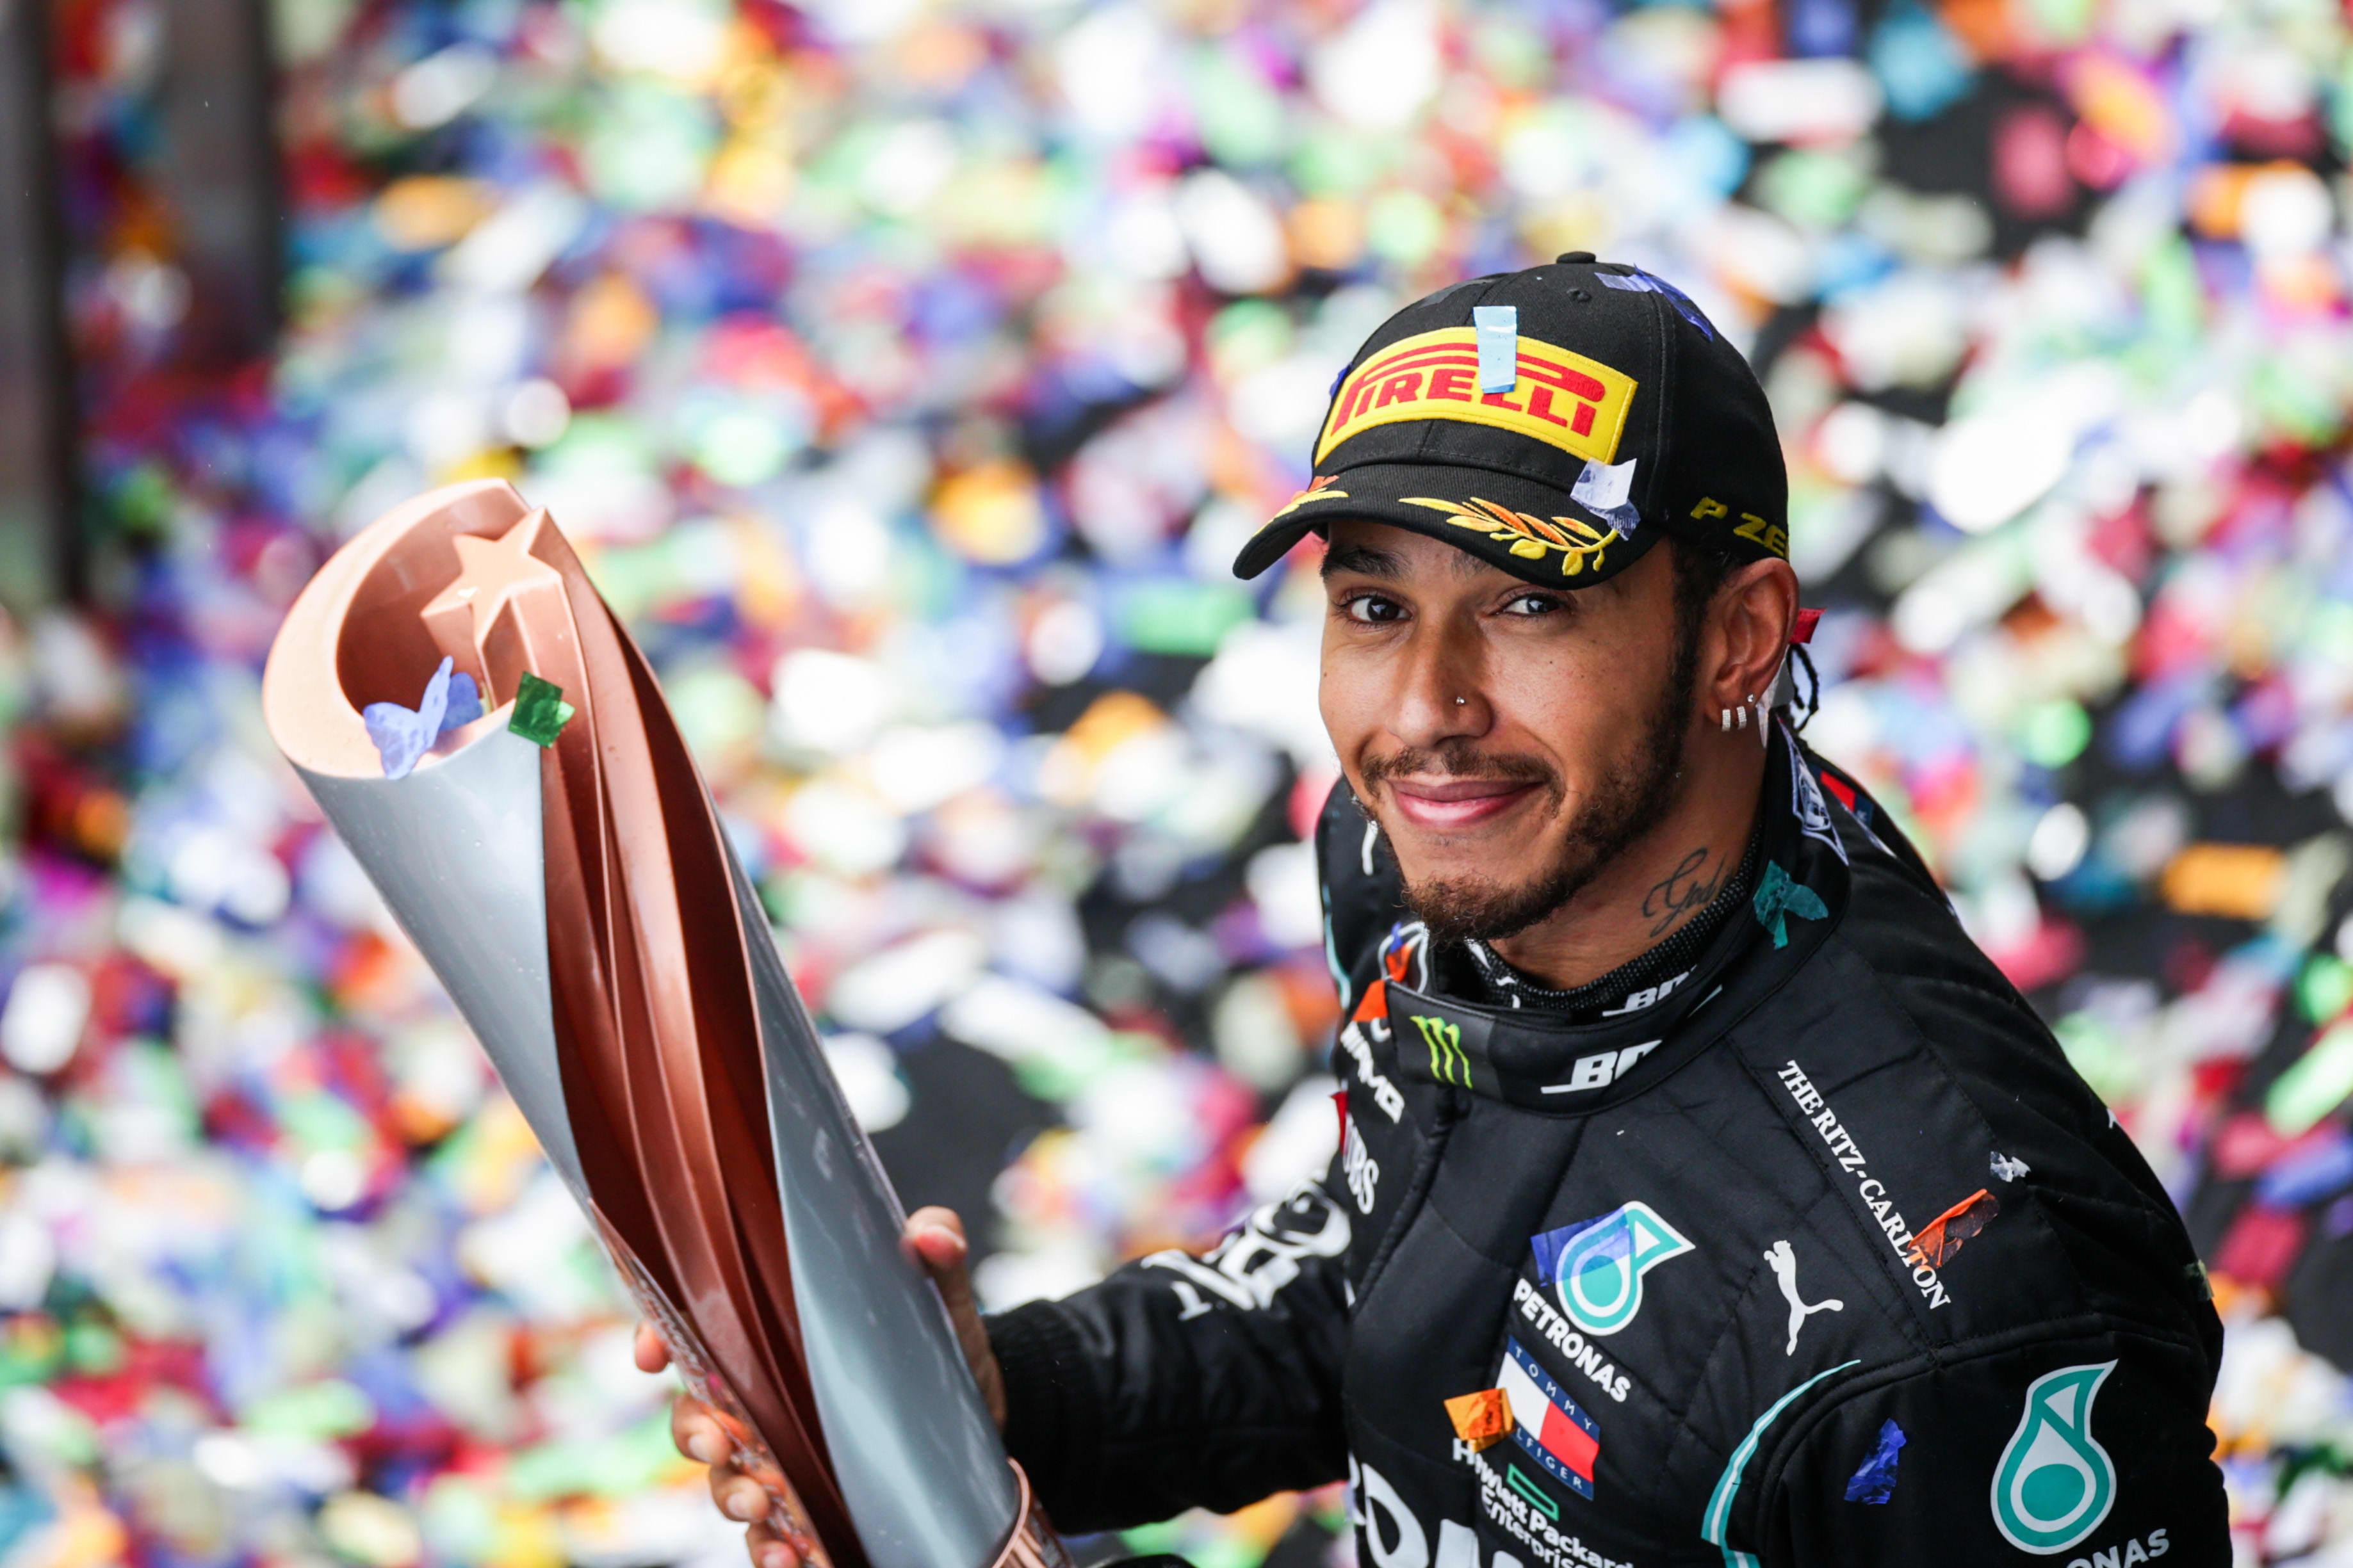 Lewis Hamilton hymyilee voiton jälkeen Istanbulissa 2020. Hän varmisti seitsemännen maailmanmestaruutensa.